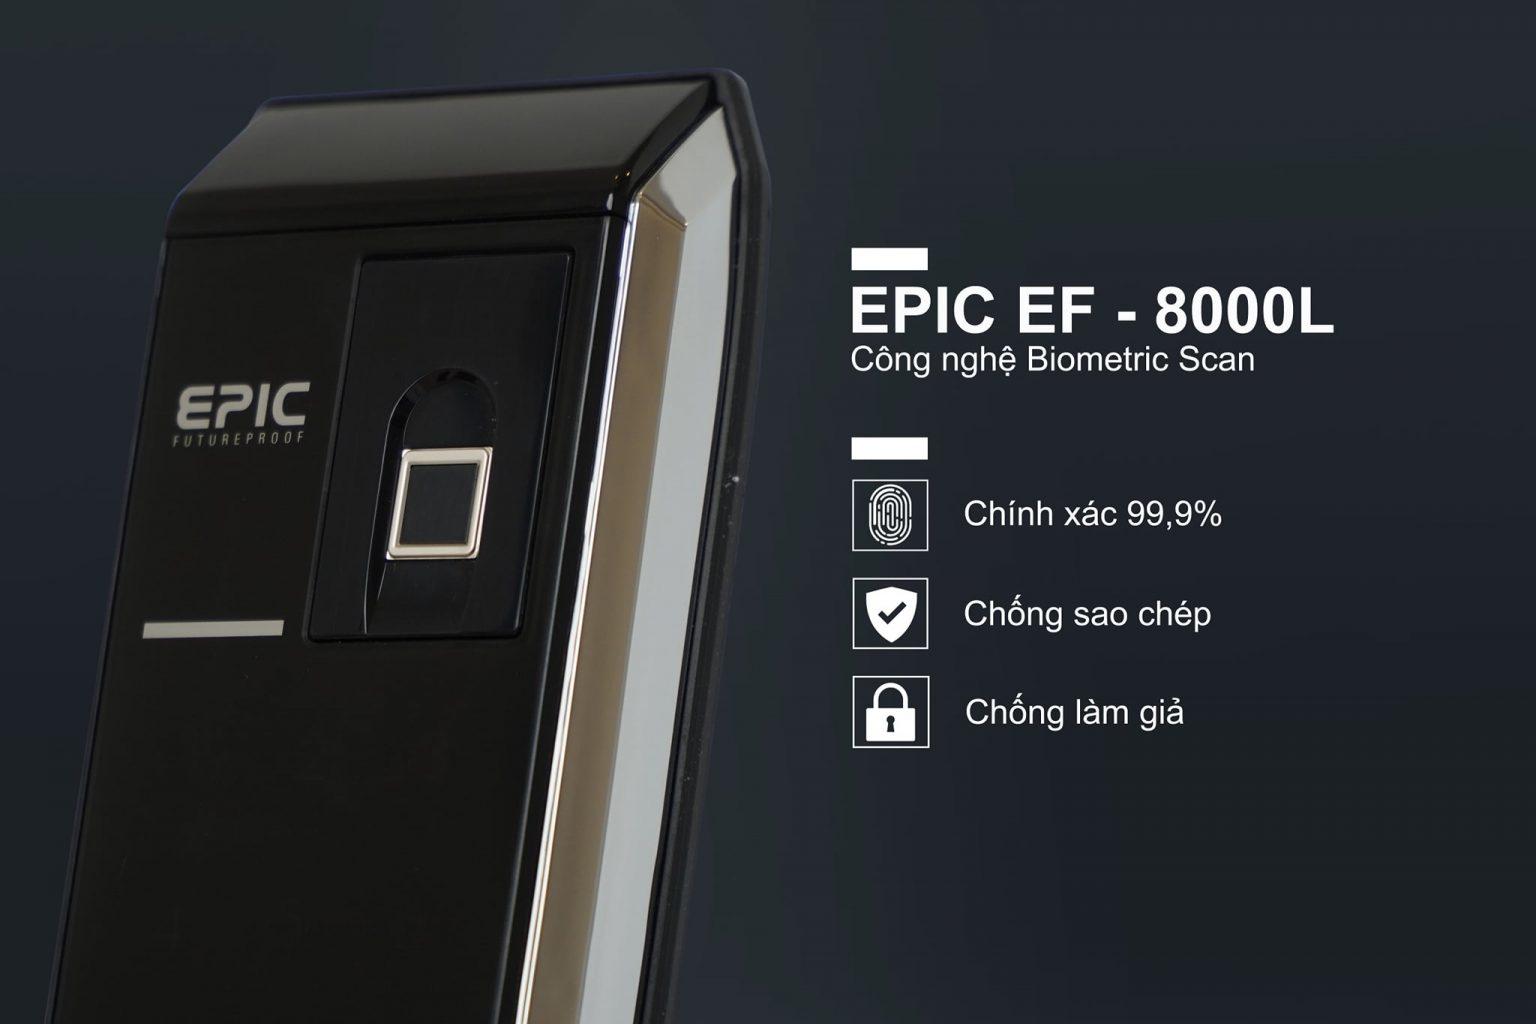 khóa vân tay điện tử Epic 8000L biometricscan